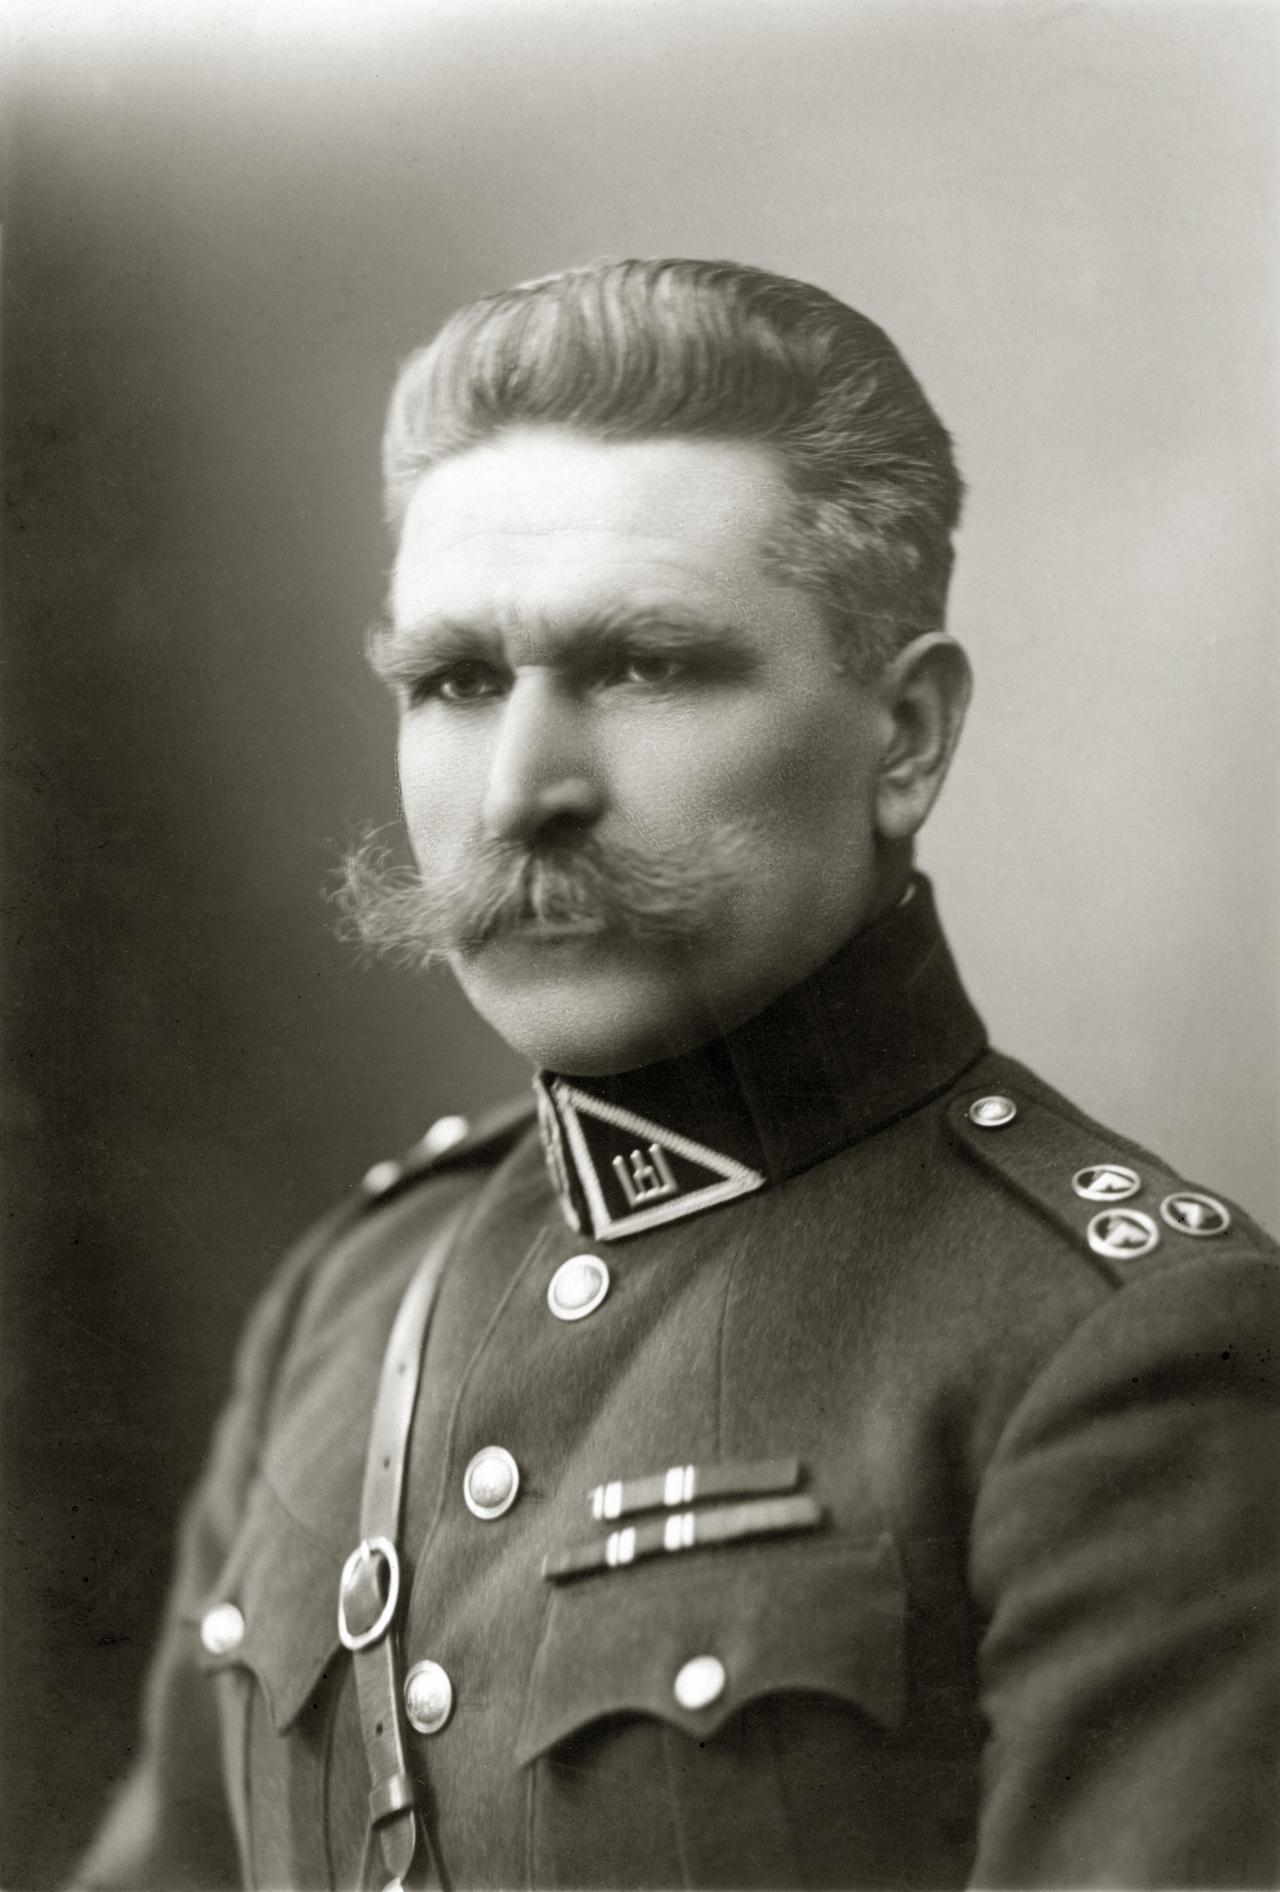 Mykolas Velykis – Lietuvos kariuomenės generolas leitenantas. 1927 m. | Lietuvos centrinio valstybės archyvo nuotr.